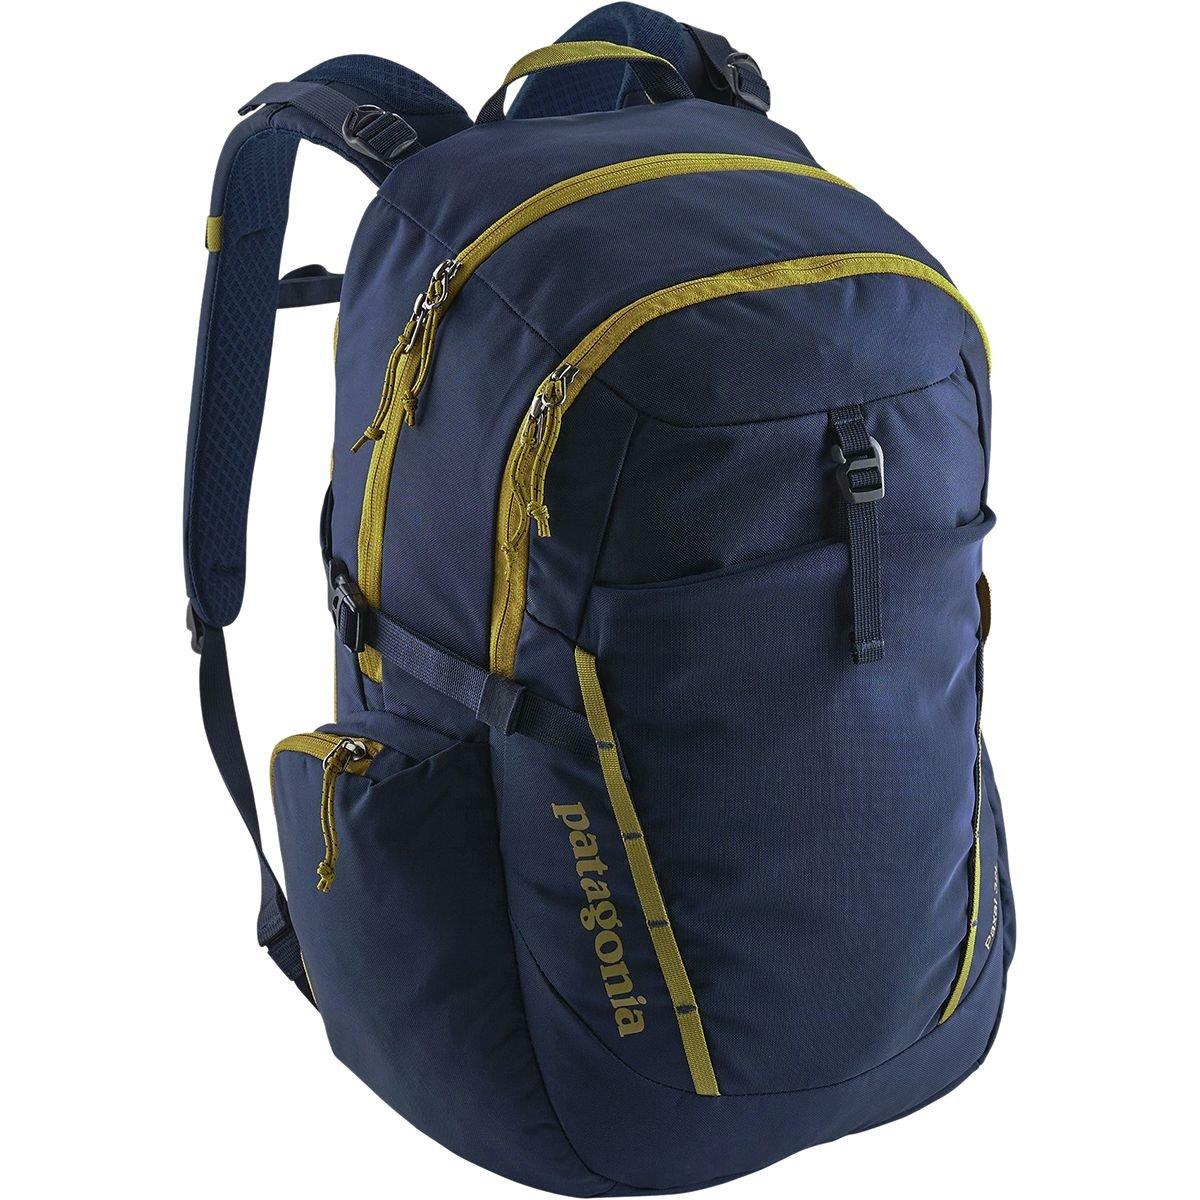 (パタゴニア) Patagonia Paxat 32L Backpackメンズ バックパック リュック Classic Navy [並行輸入品] One Size  B07F9X7C2Z